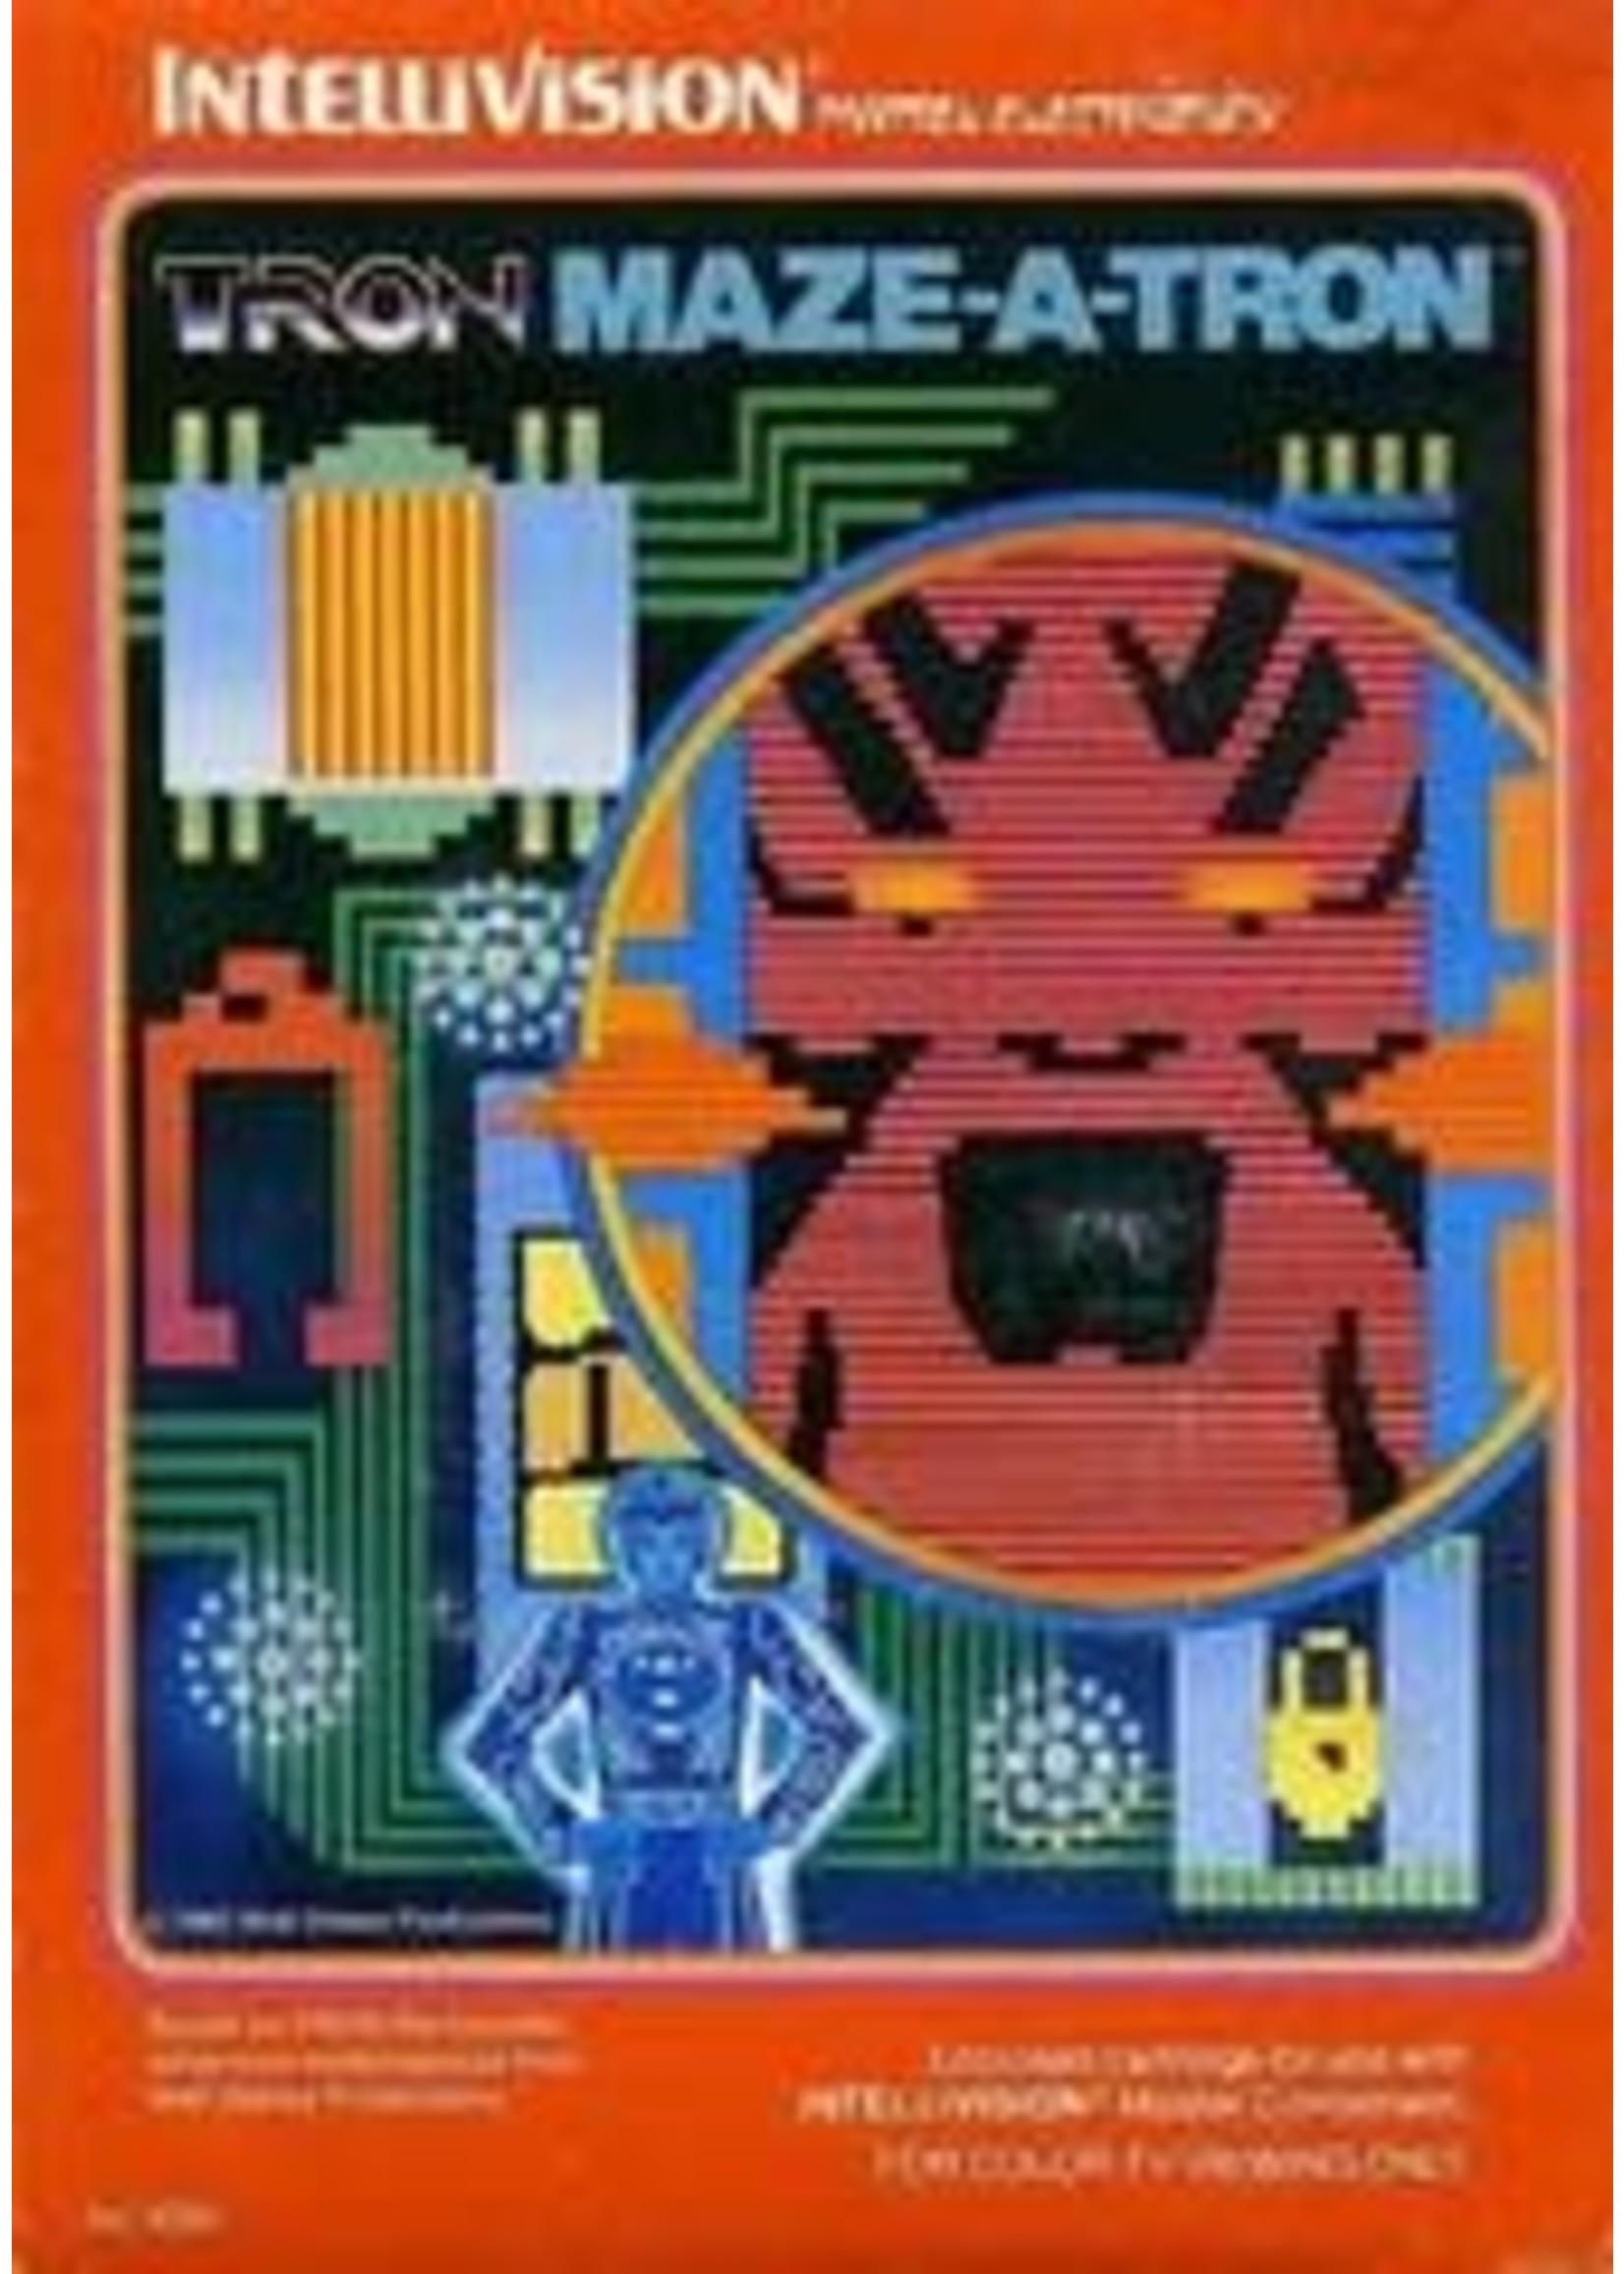 Tron Maze-A-Tron Intellivision